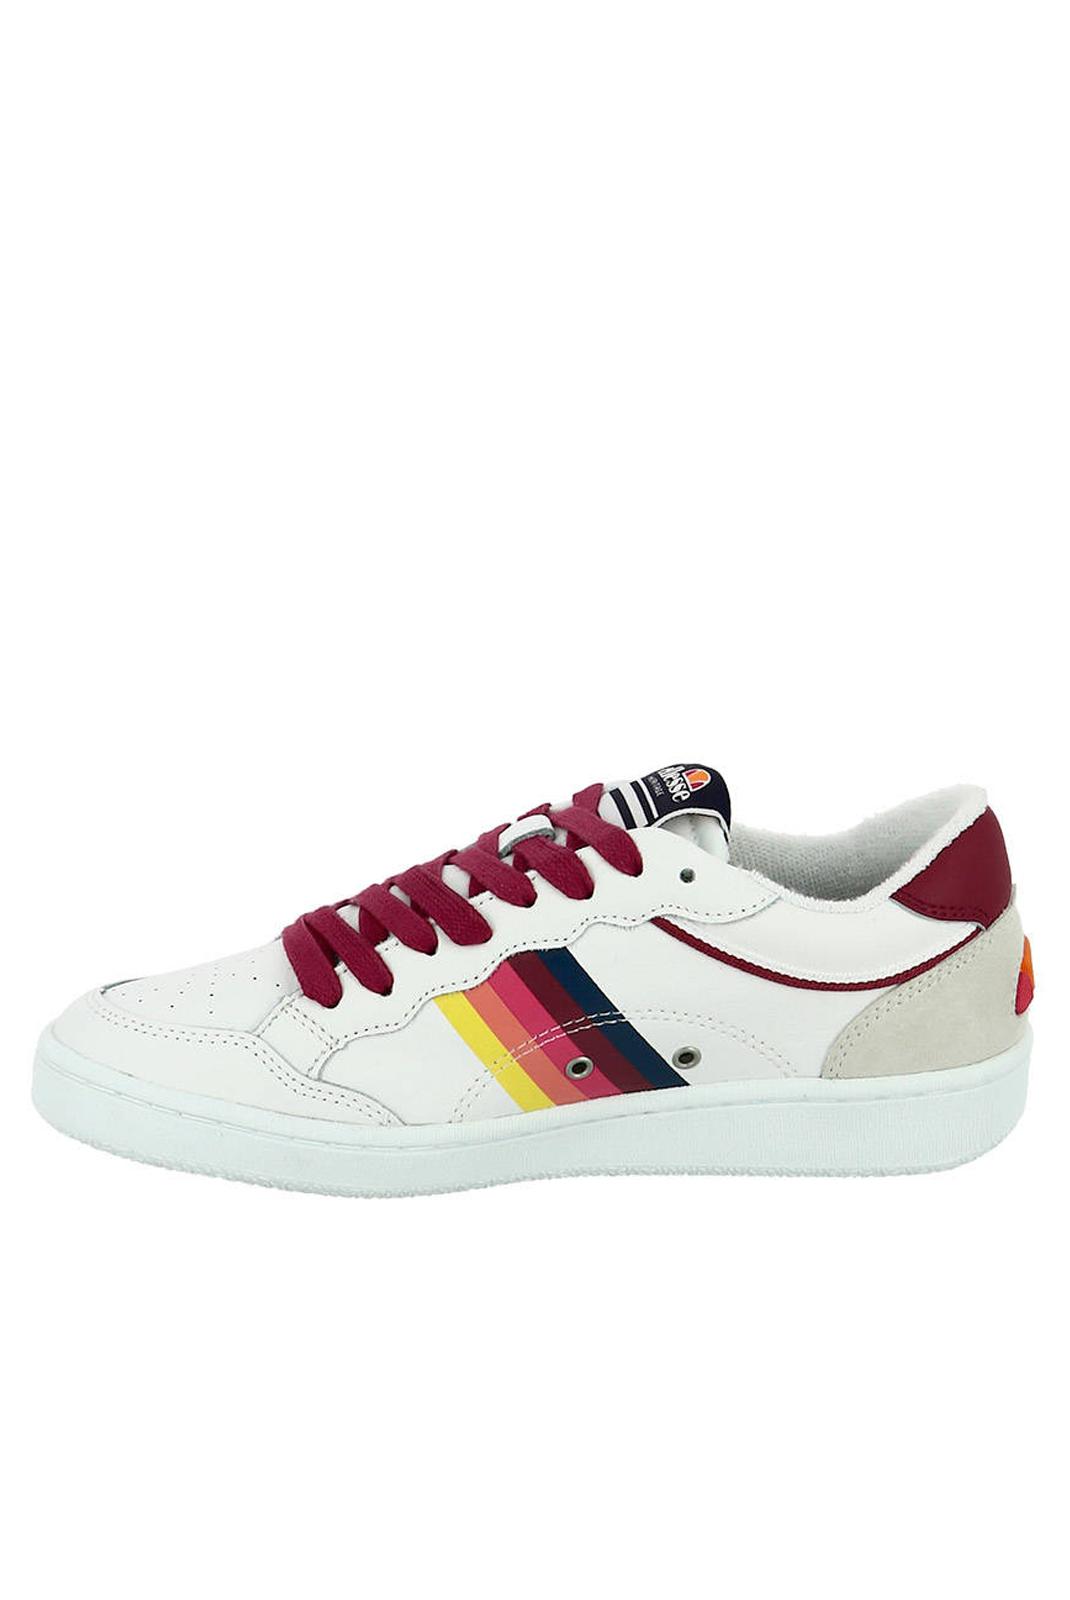 Baskets / Sneakers  Ellesse EL91502 F 01 WHITE RED